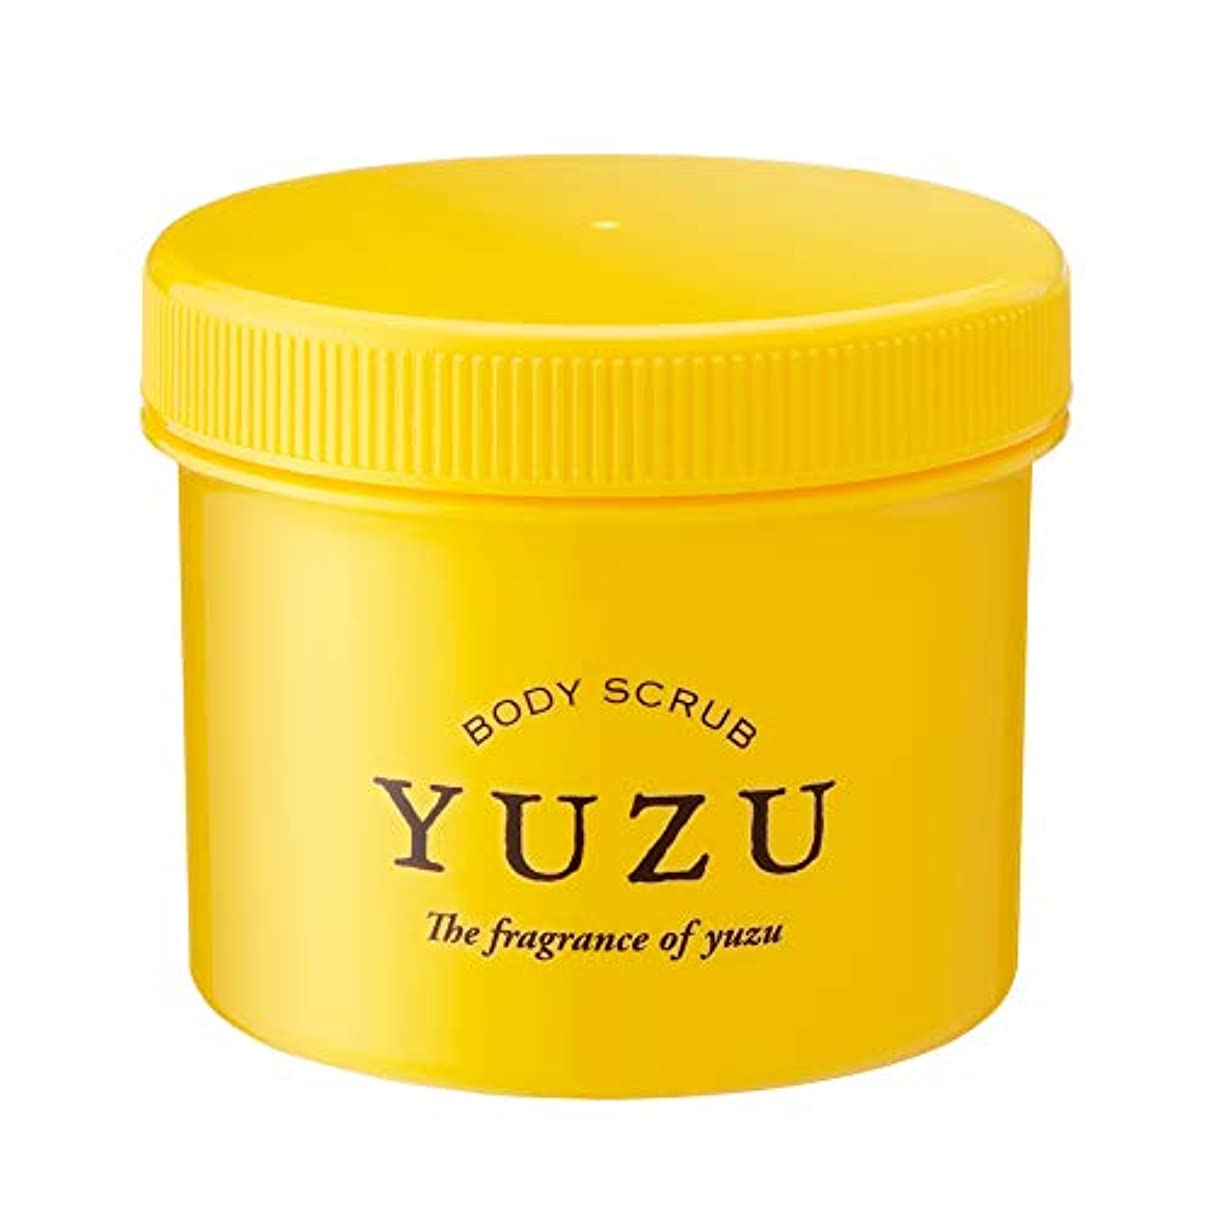 オン勇気のある方法(美健)ビケン YUZU ボディマッサージスクラブ 高知県ゆず精油のみで香り付け